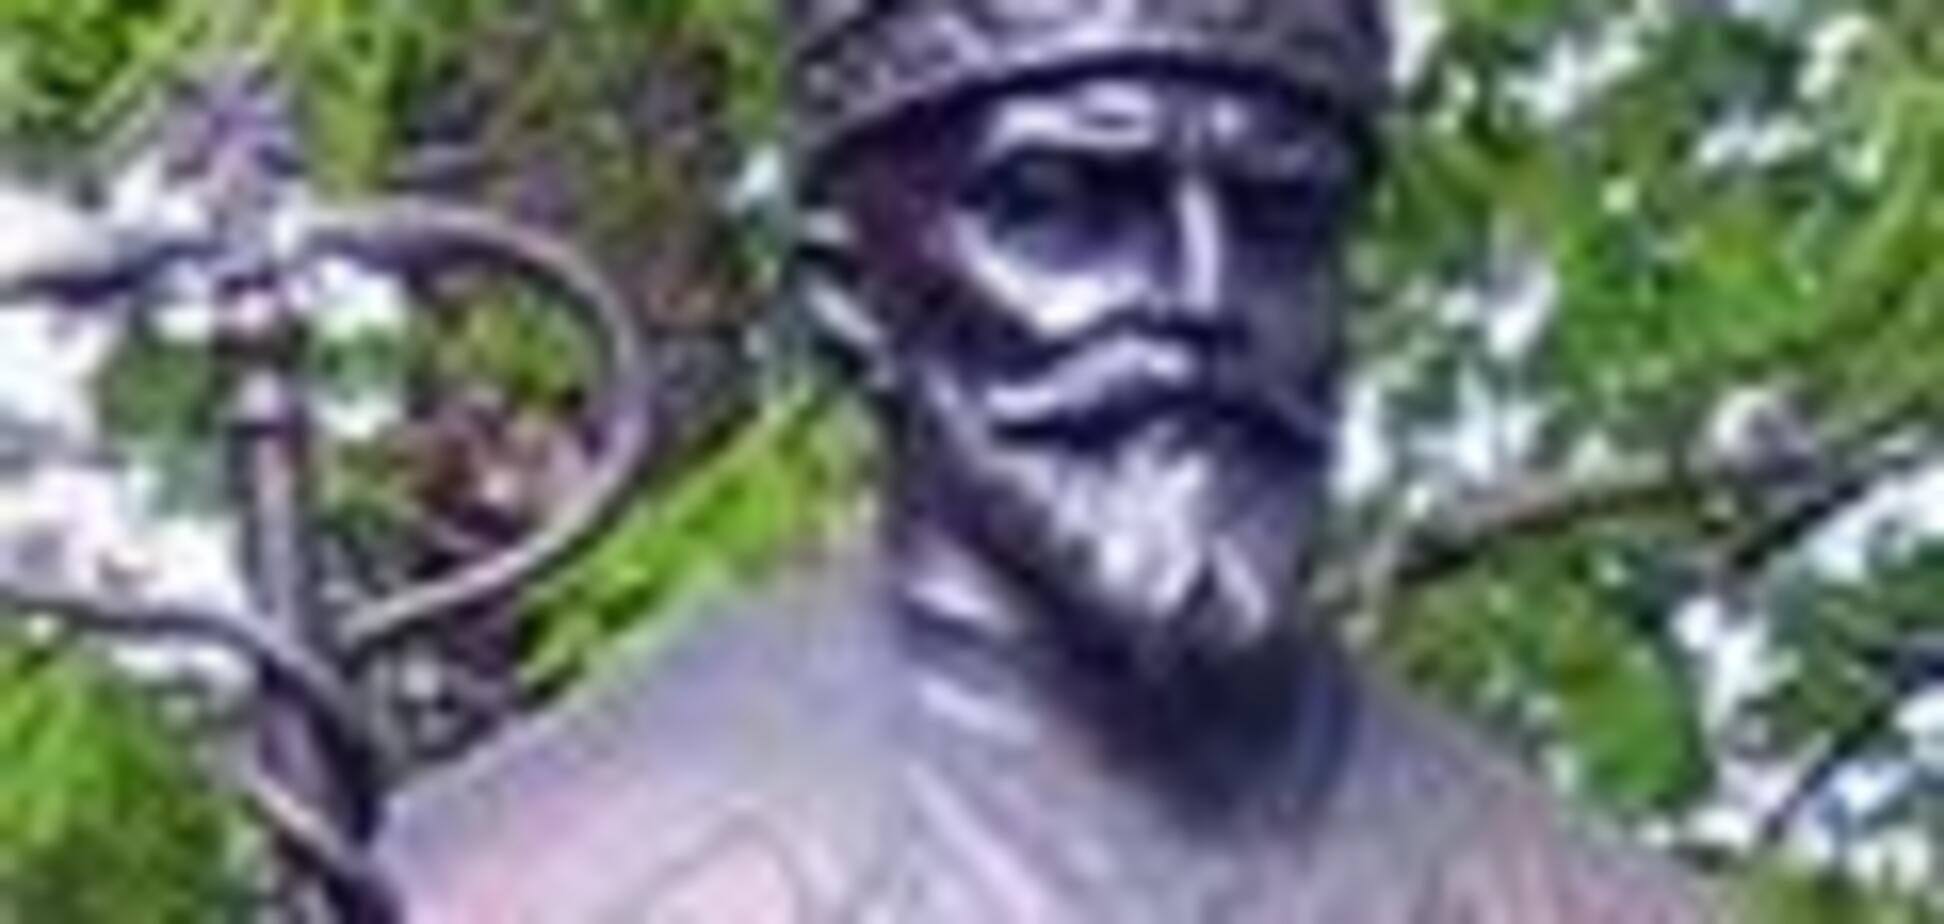 Пенсіонери знищили меморіальну дошку патріарха